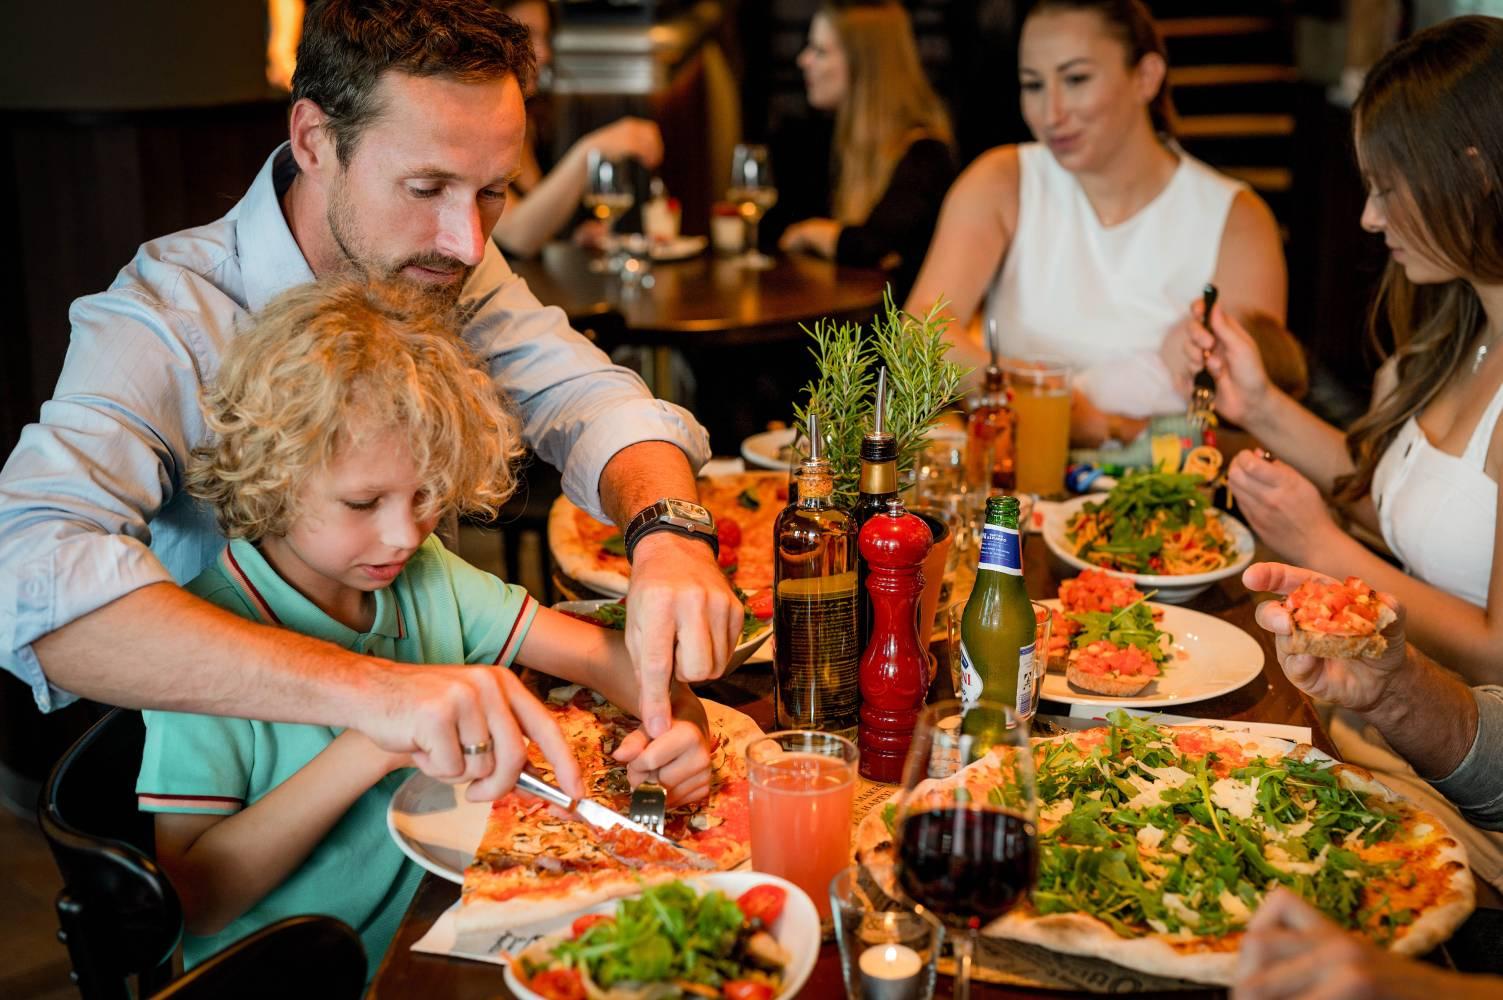 Restaurantbesuch mit Freunden und der Familie